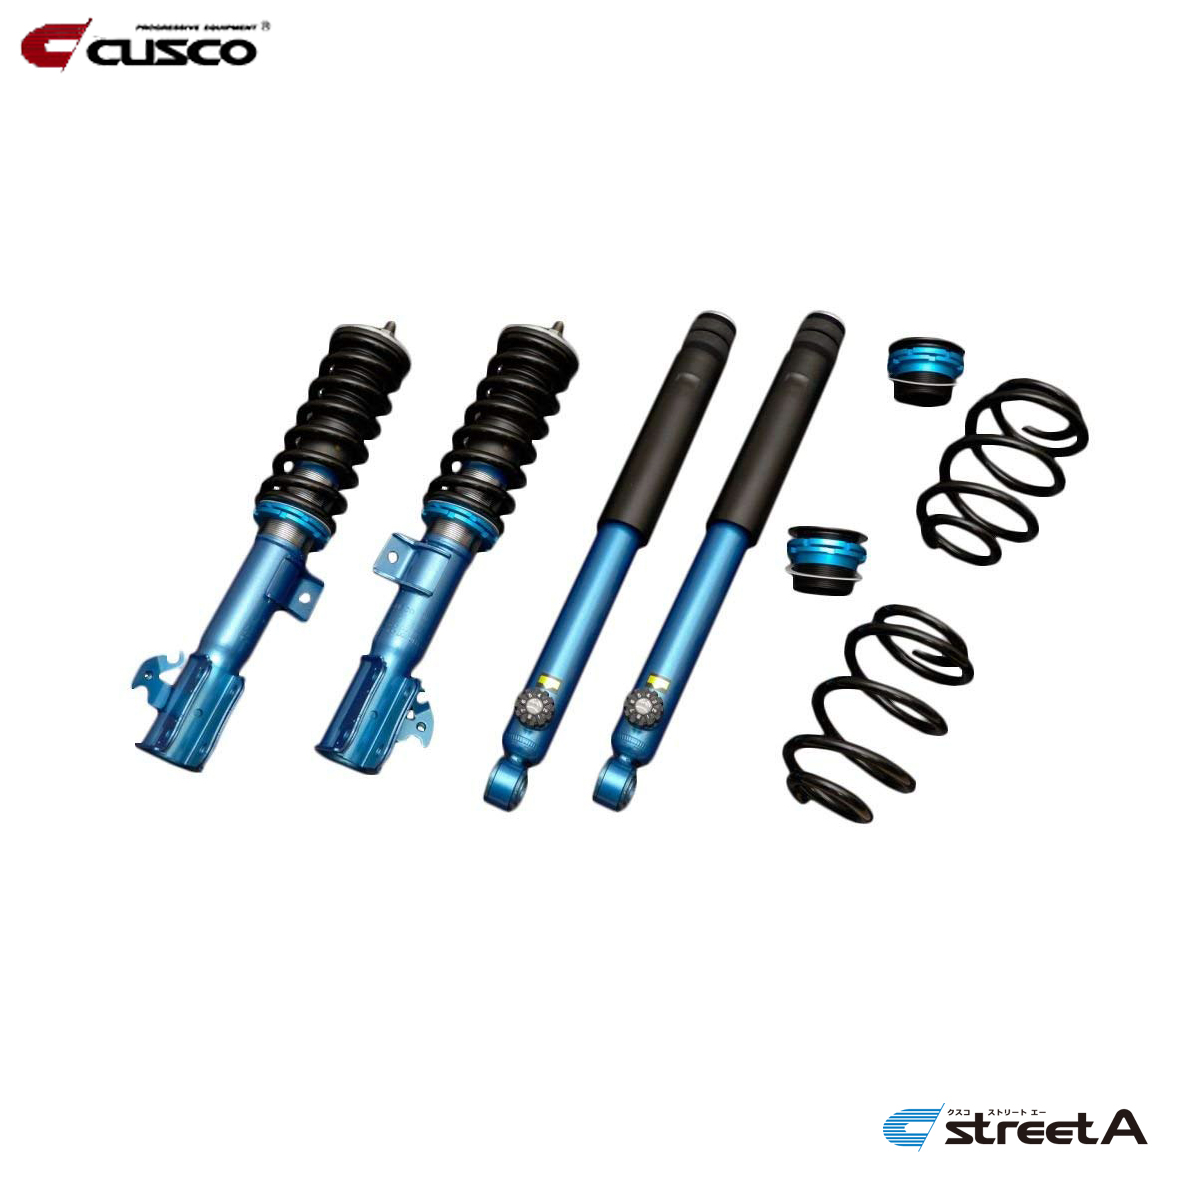 CUSCO クスコ エスティマ ACR GSR55W 車高調 全長固定式 926-62J-CB